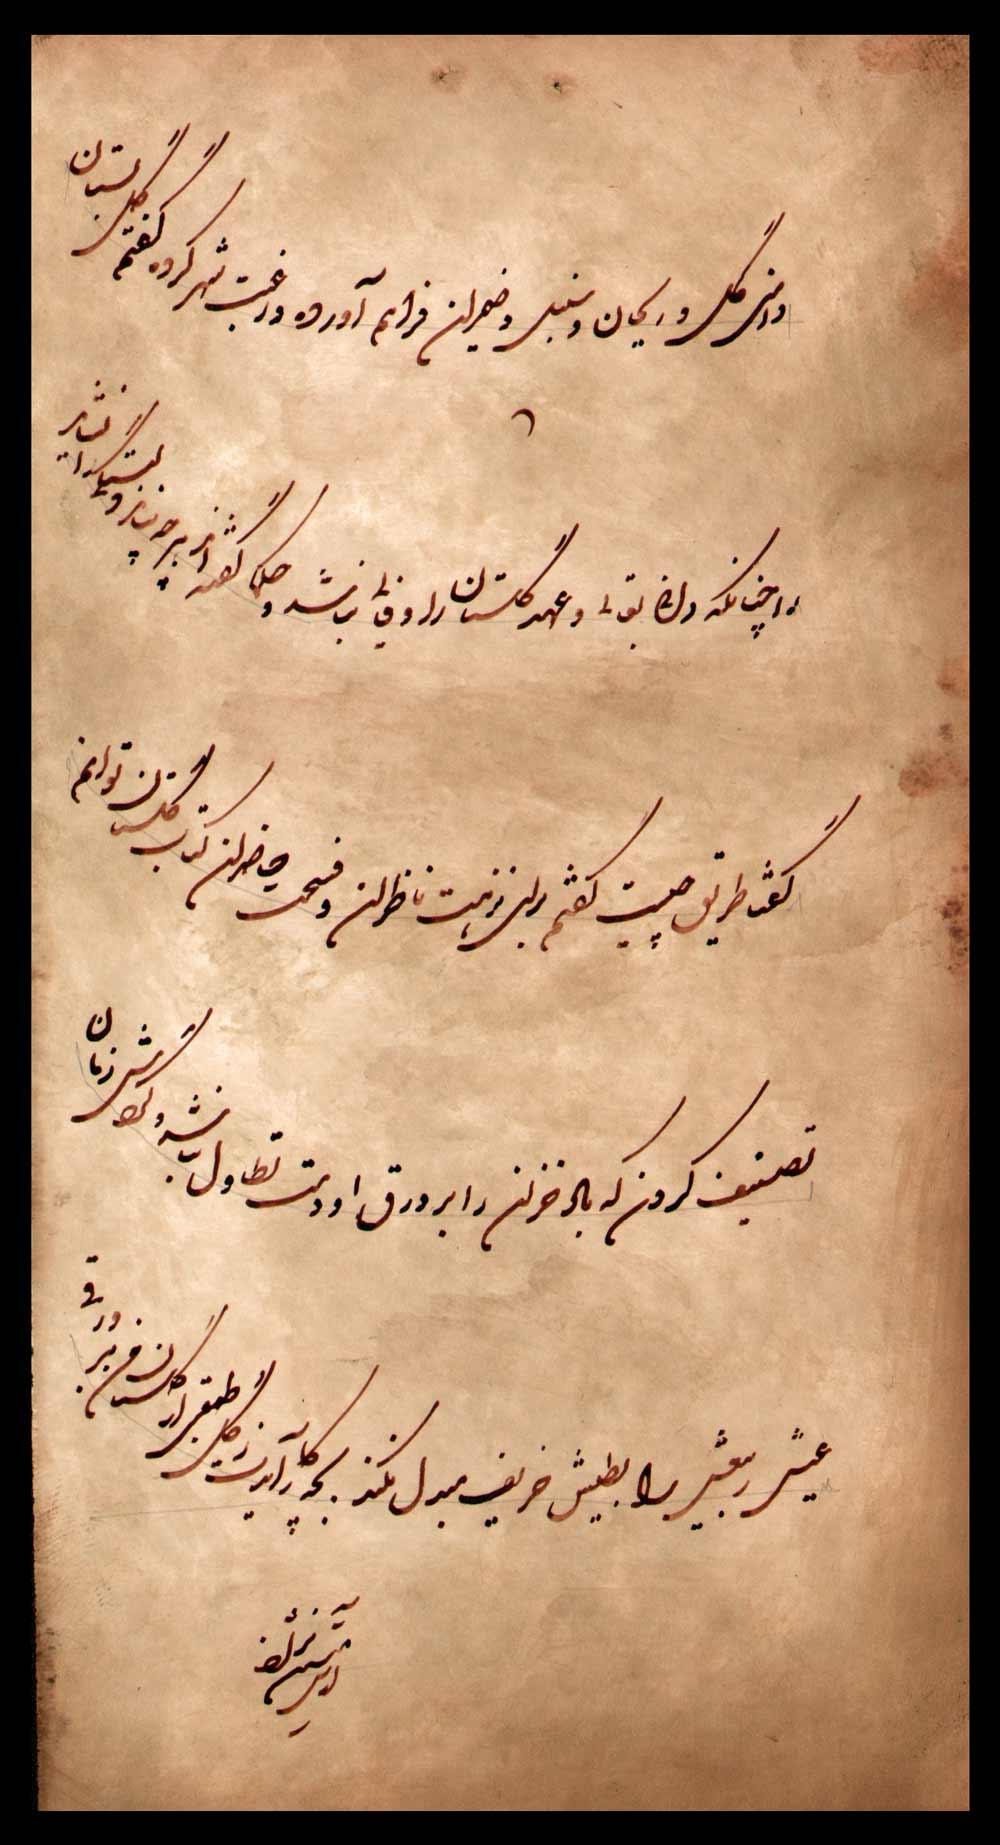 tahriri-saitsfw-7